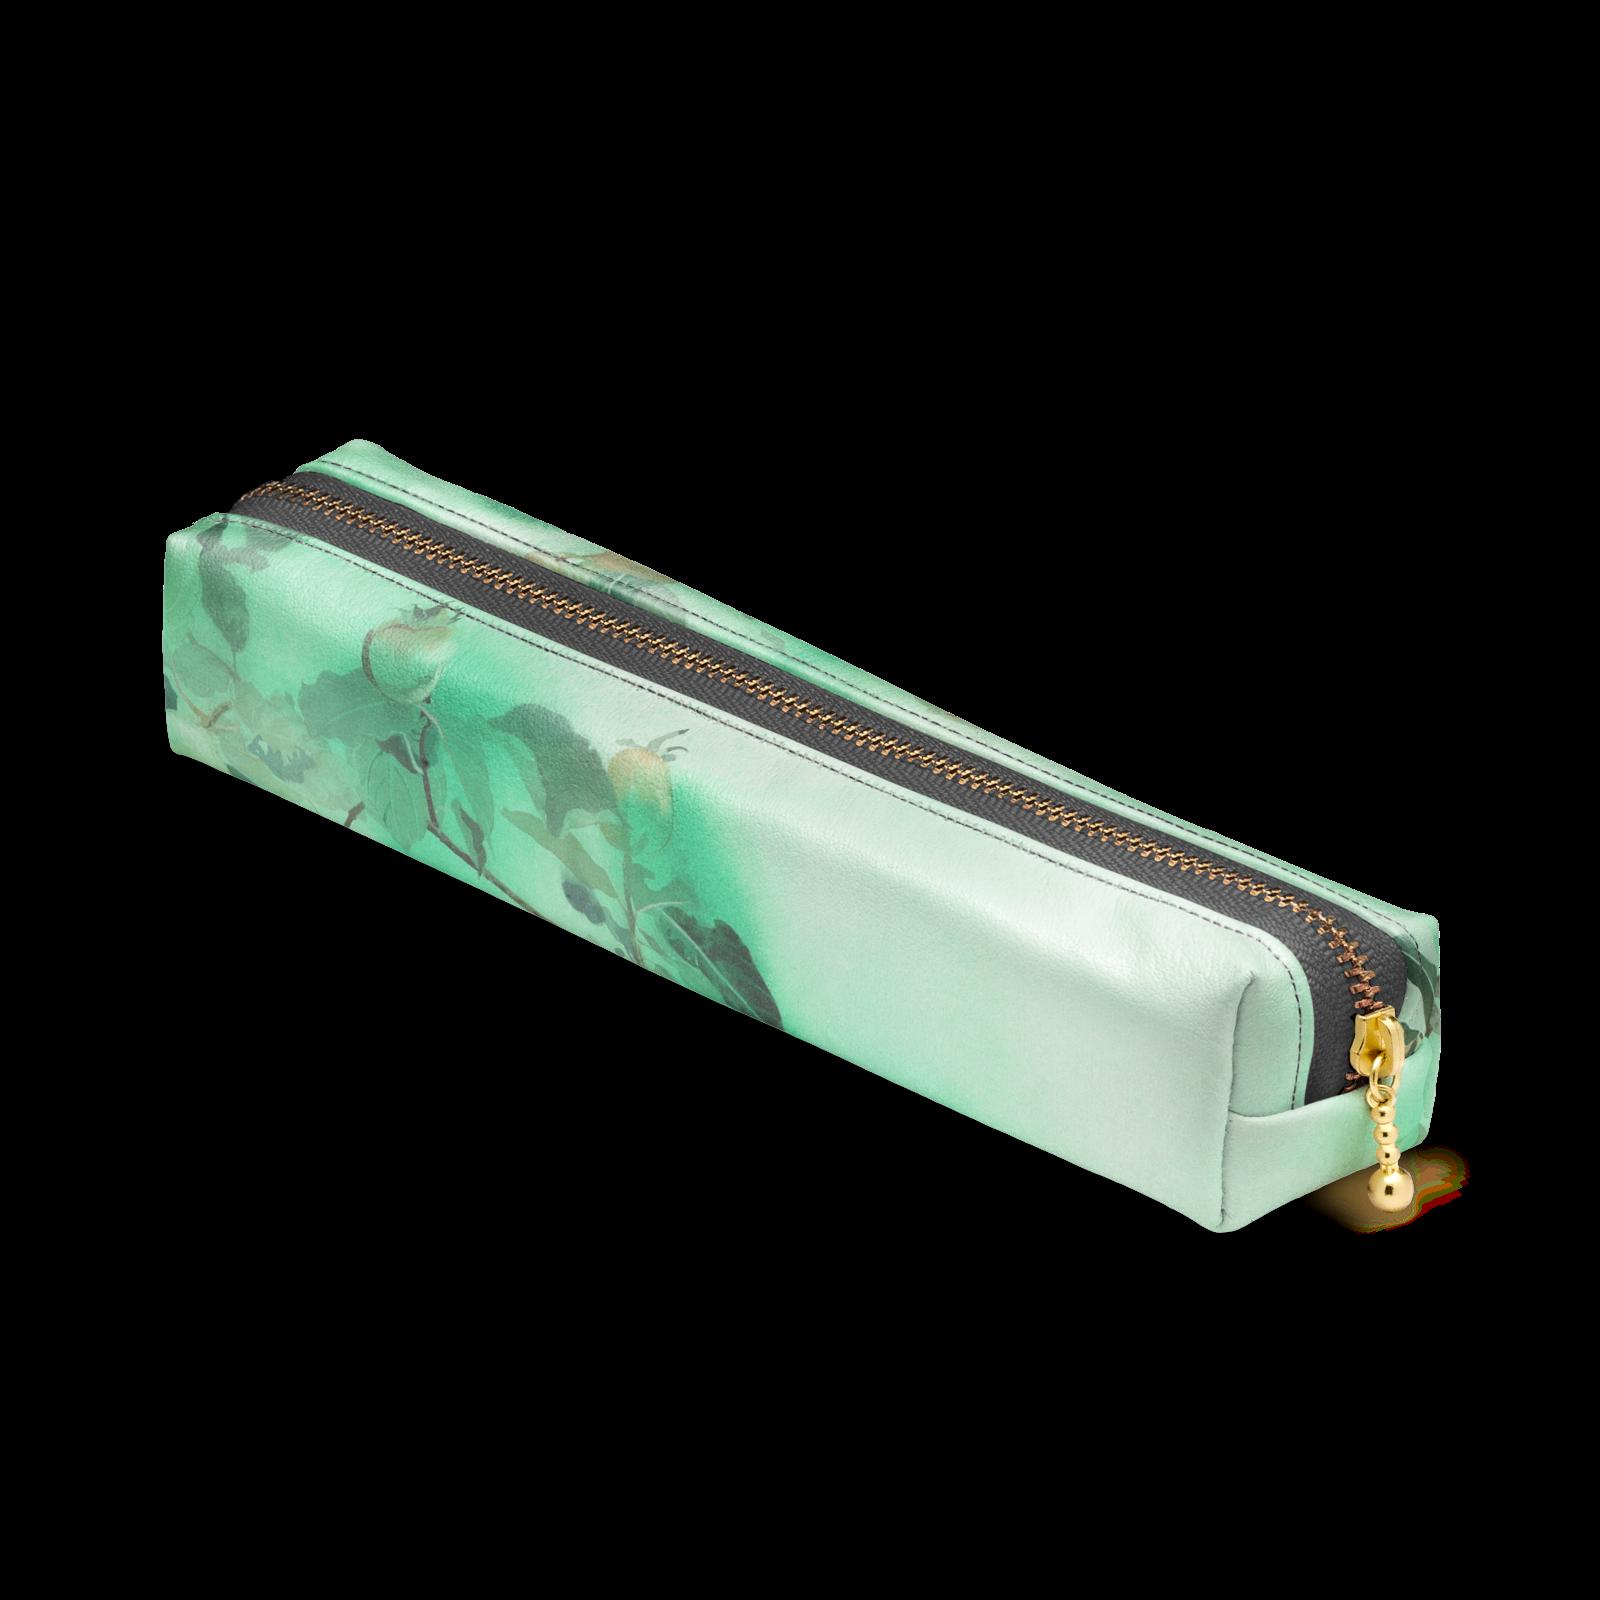 【受注生産】 マルメロの陽光ペンケース